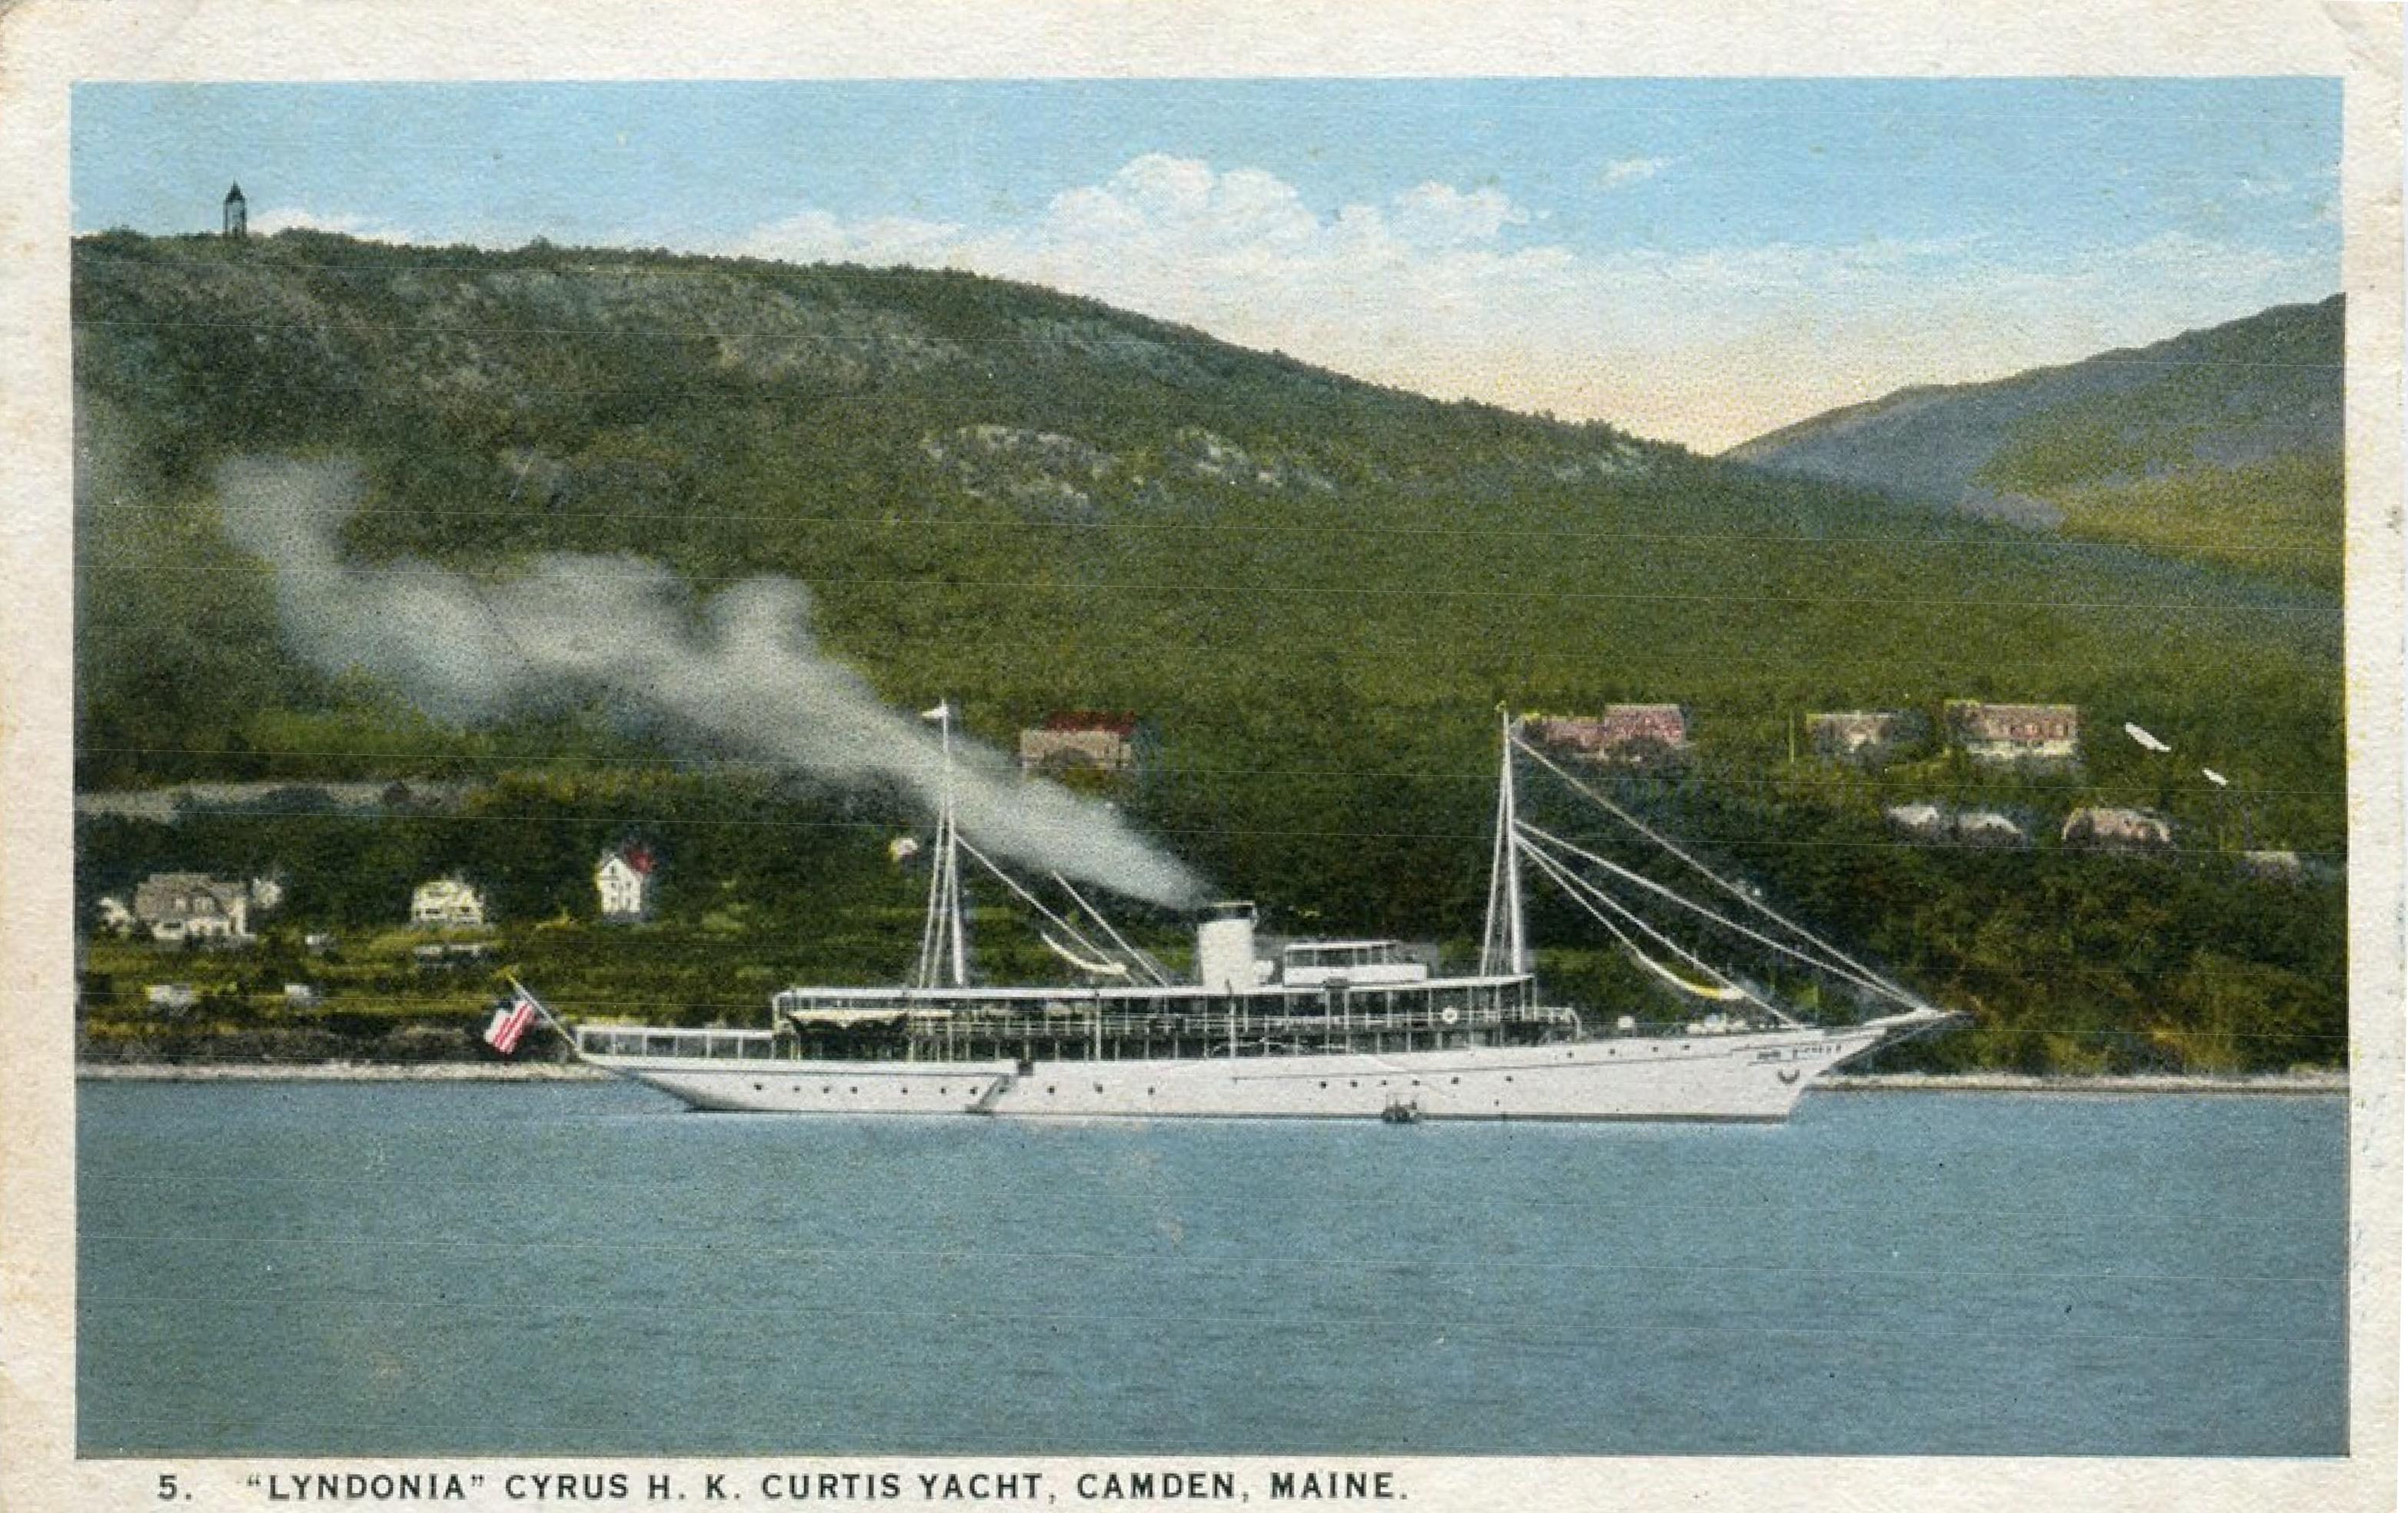 Lyndonwood Lyndonia Yacht.jpg